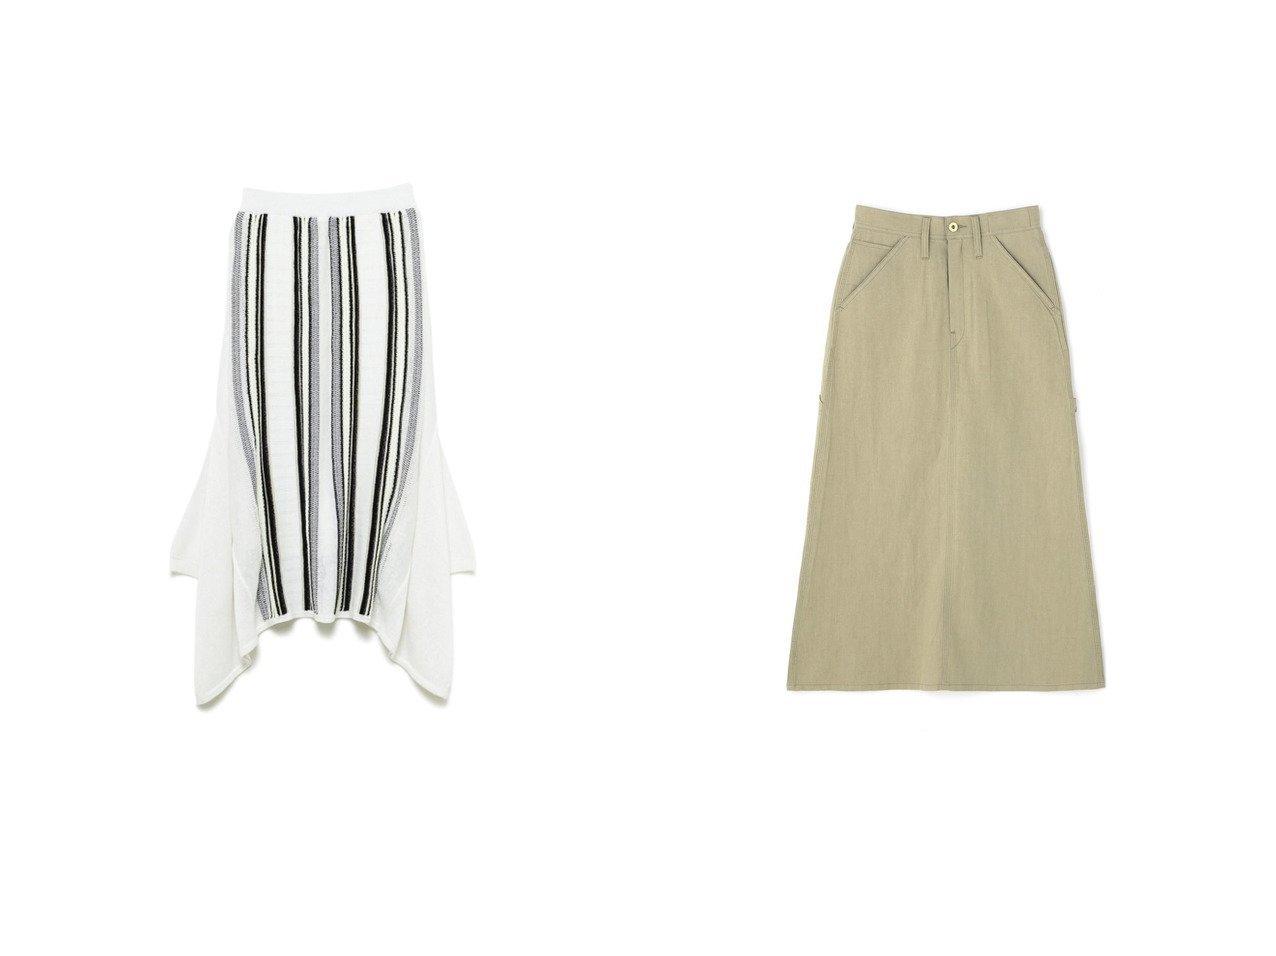 【N.Natural Beauty basic/エヌ ナチュラルビューティーベーシック】のヘリンボーンスカート&【FURFUR/ファーファー】のスクエアヘムニットスカート 【スカート】おすすめ!人気、トレンド・レディースファッションの通販 おすすめで人気の流行・トレンド、ファッションの通販商品 インテリア・家具・メンズファッション・キッズファッション・レディースファッション・服の通販 founy(ファニー) https://founy.com/ ファッション Fashion レディースファッション WOMEN スカート Skirt 2021年 2021 2021春夏・S/S SS/Spring/Summer/2021 S/S・春夏 SS・Spring/Summer スマート ミックス ランダム 夏 Summer 春 Spring サマー スタンダード ヘリンボーン 定番 Standard 無地 |ID:crp329100000047529